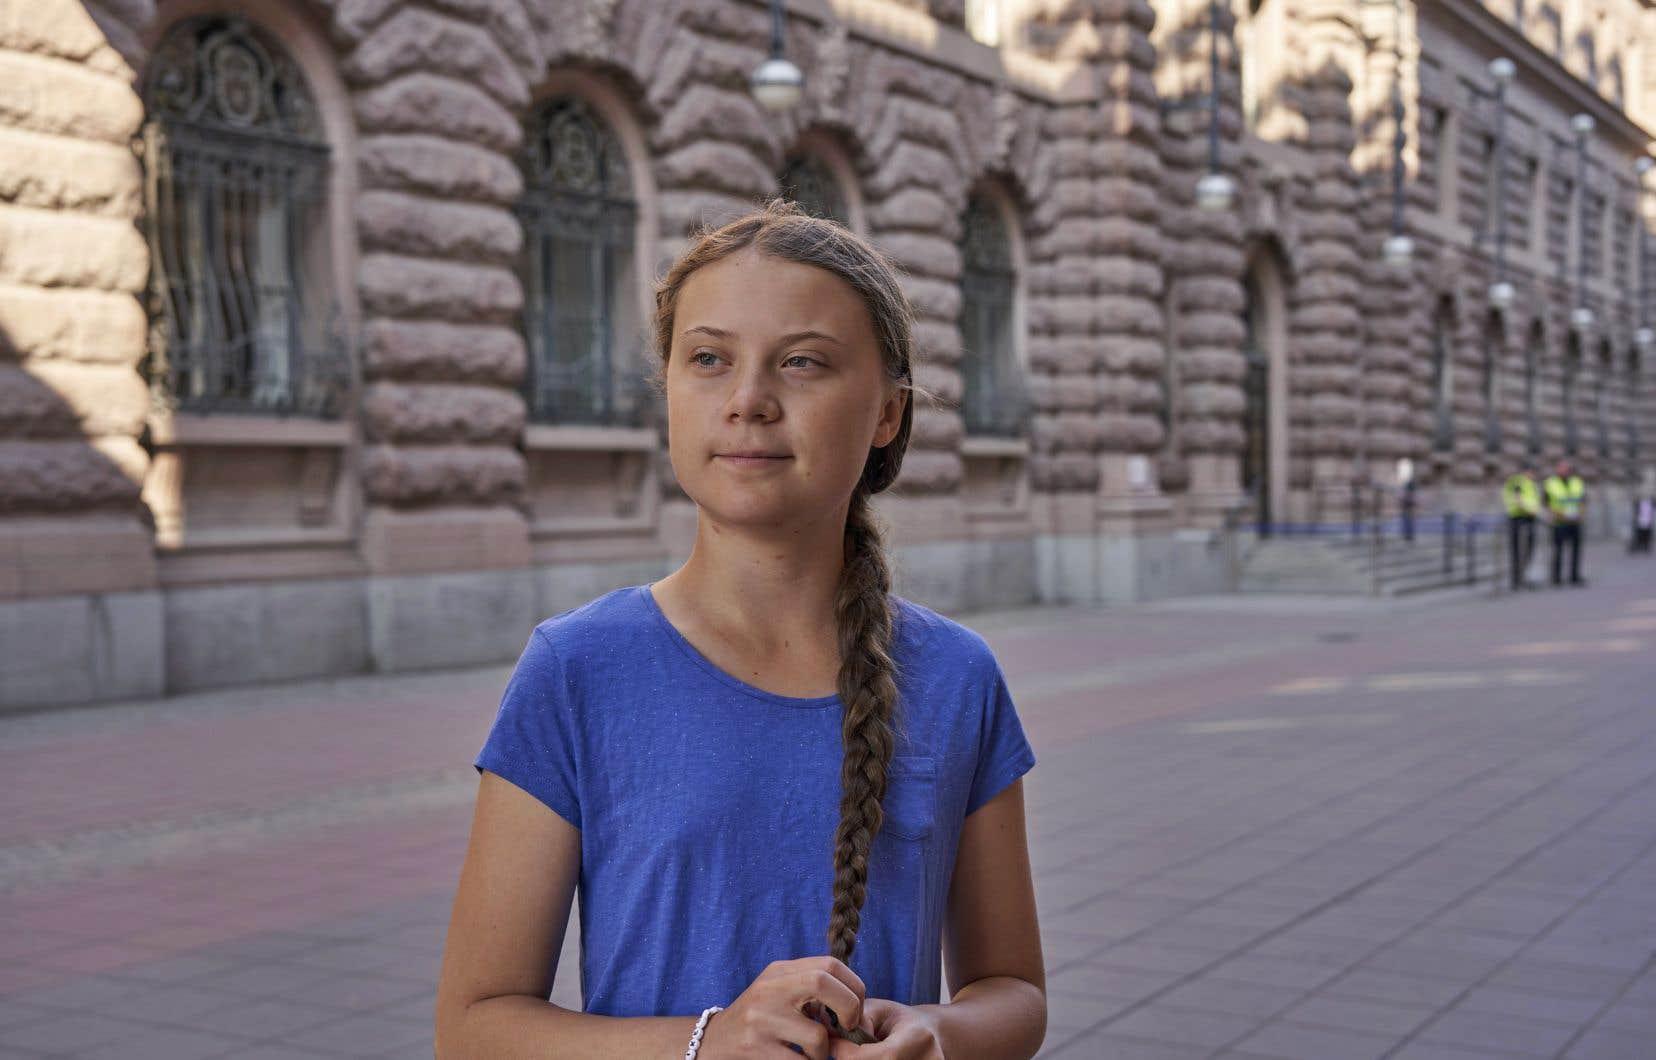 Greta Thunbergest attendue sur le continent américain dans le cadre d'une série de rencontres sur le thème du climat, un voyage qui doit durer plusieurs mois.